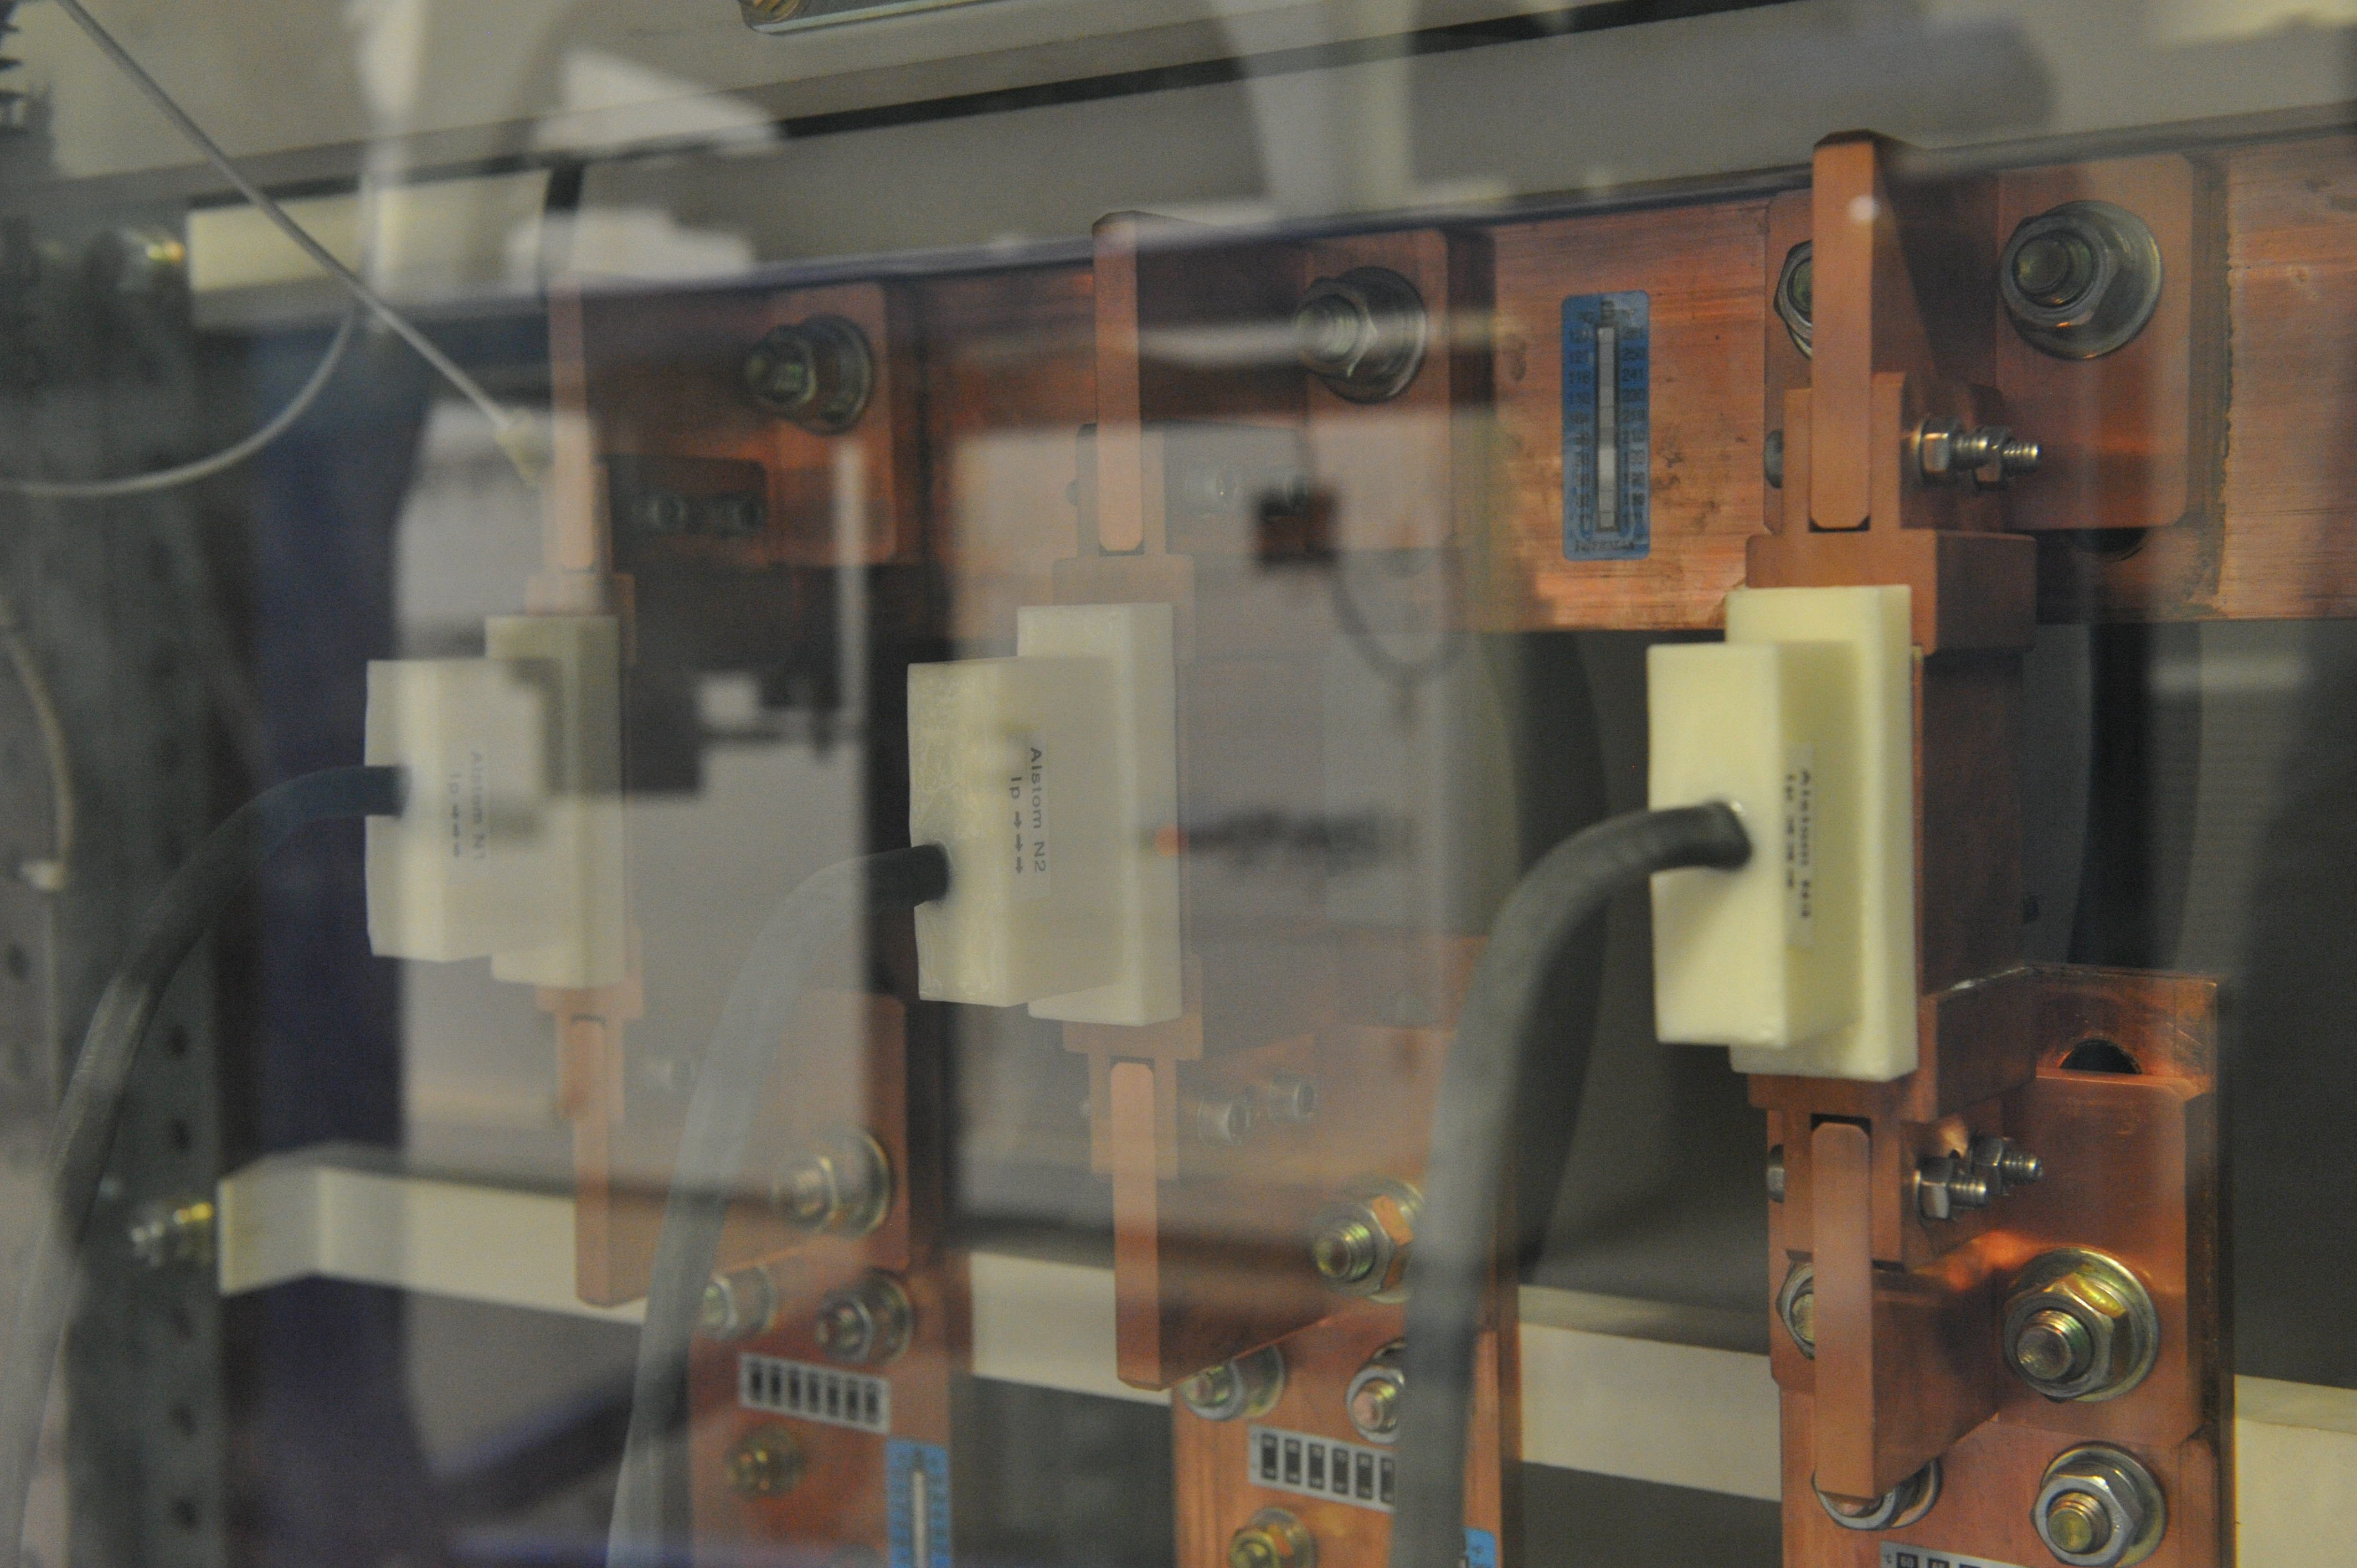 Gallery Railway Systems Energy Smart Metering 3